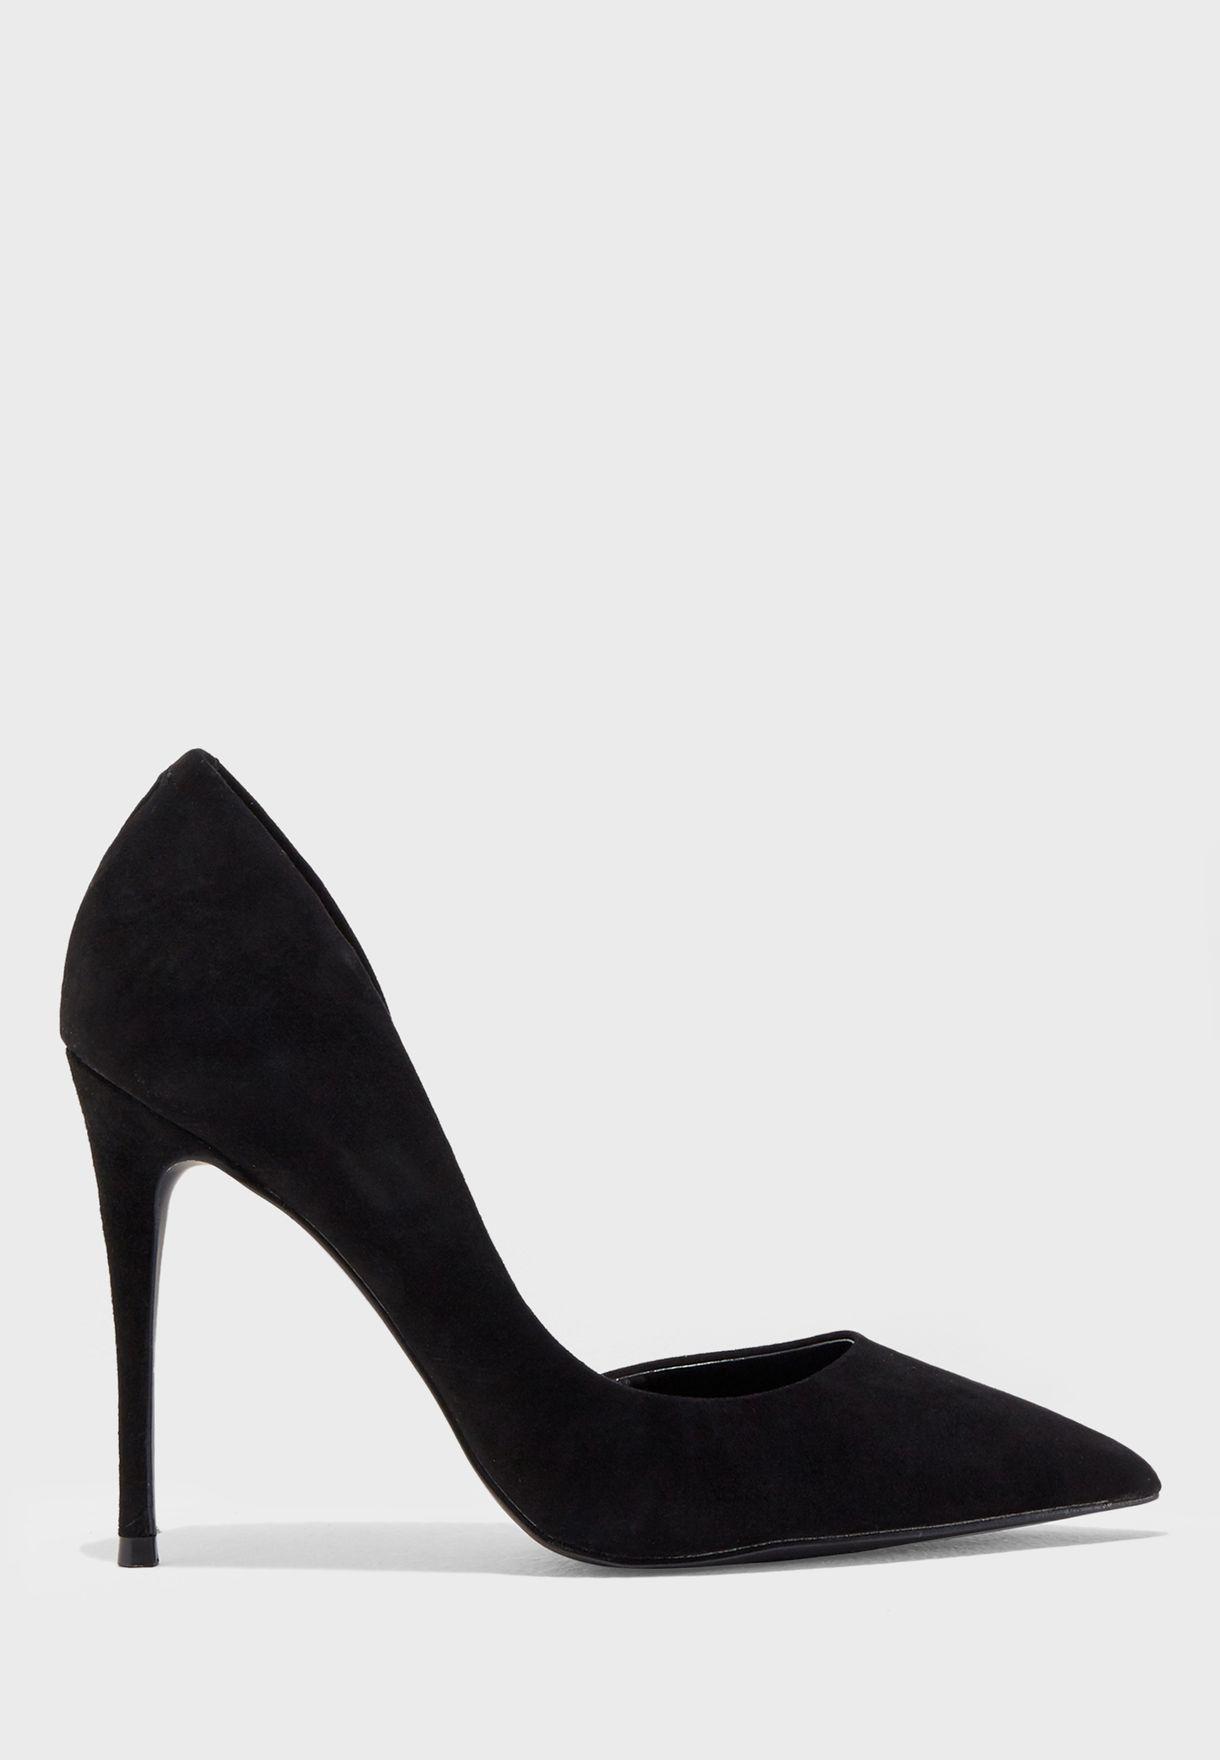 Presunto humedad Guarda la ropa  Buy Steve Madden black Felicity Suede Pump for Women in MENA, Worldwide |  FELICITY